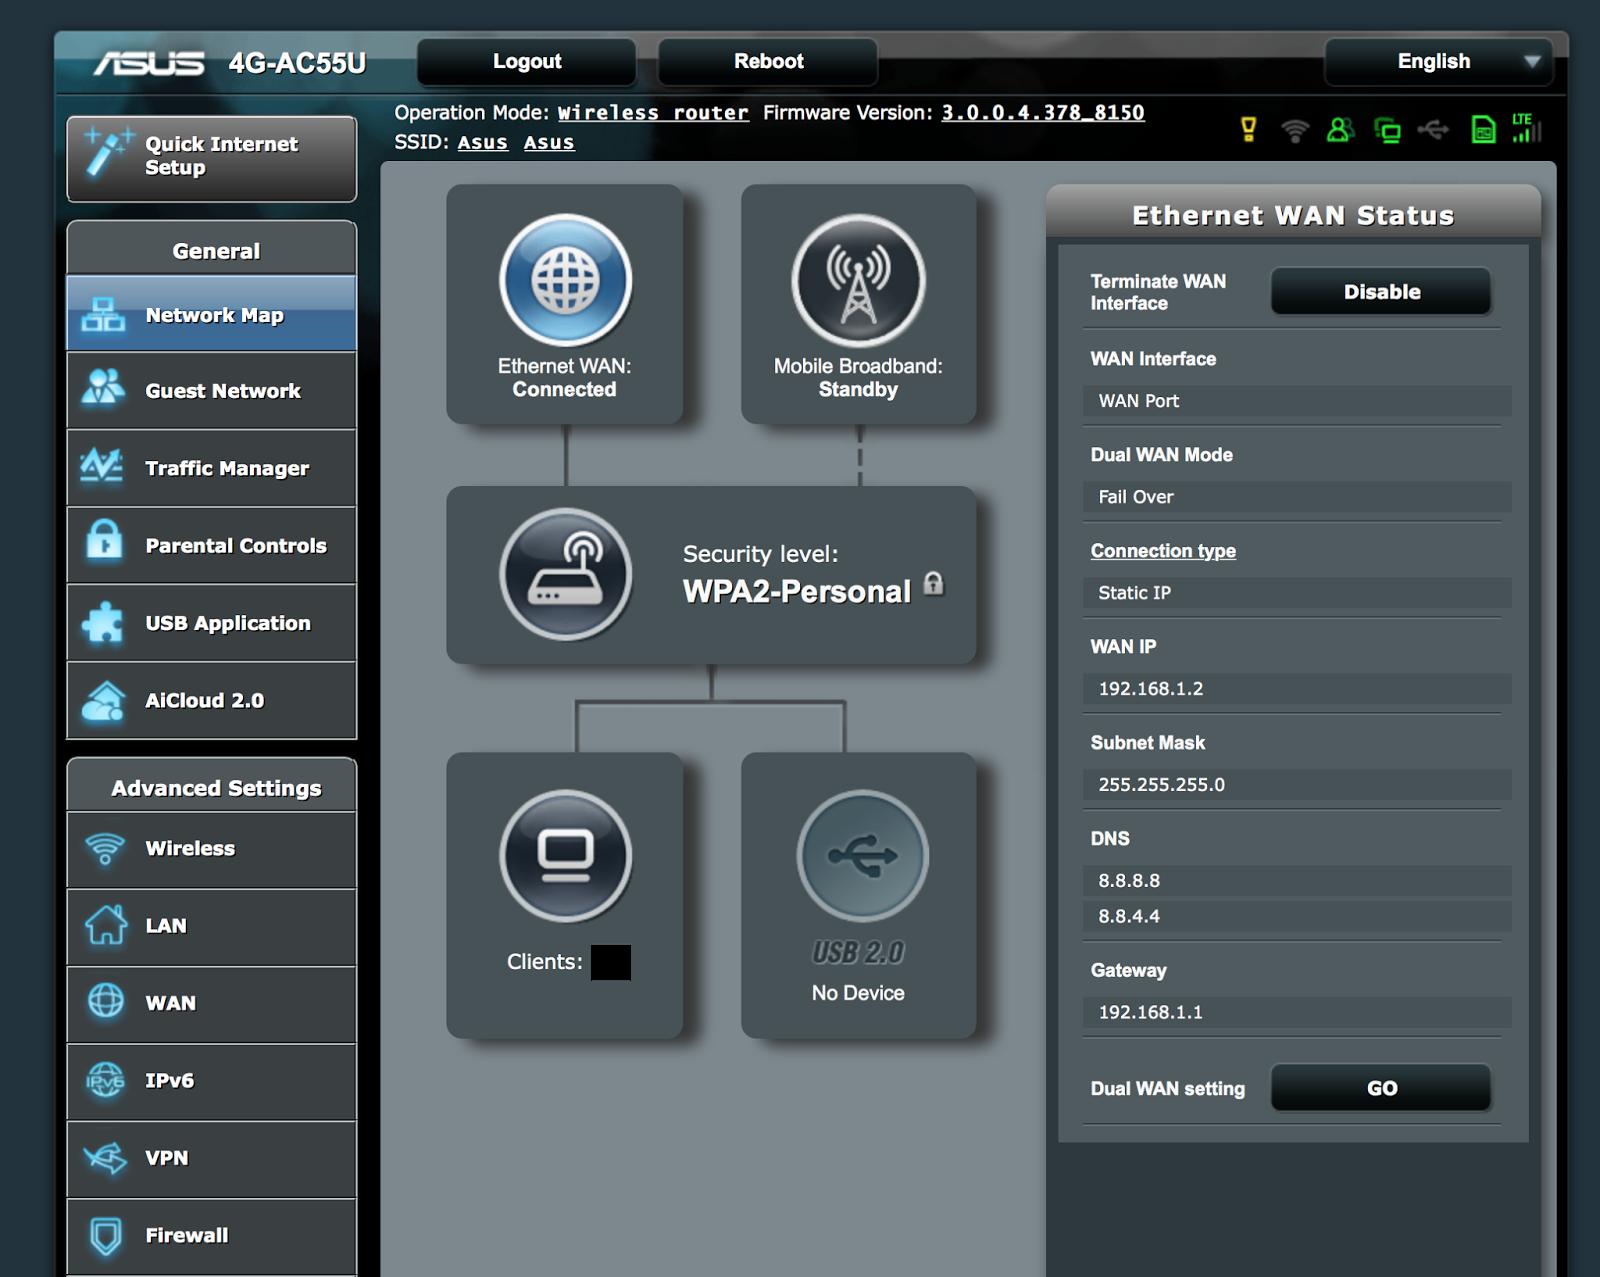 mobilt bredband ftg tillägg